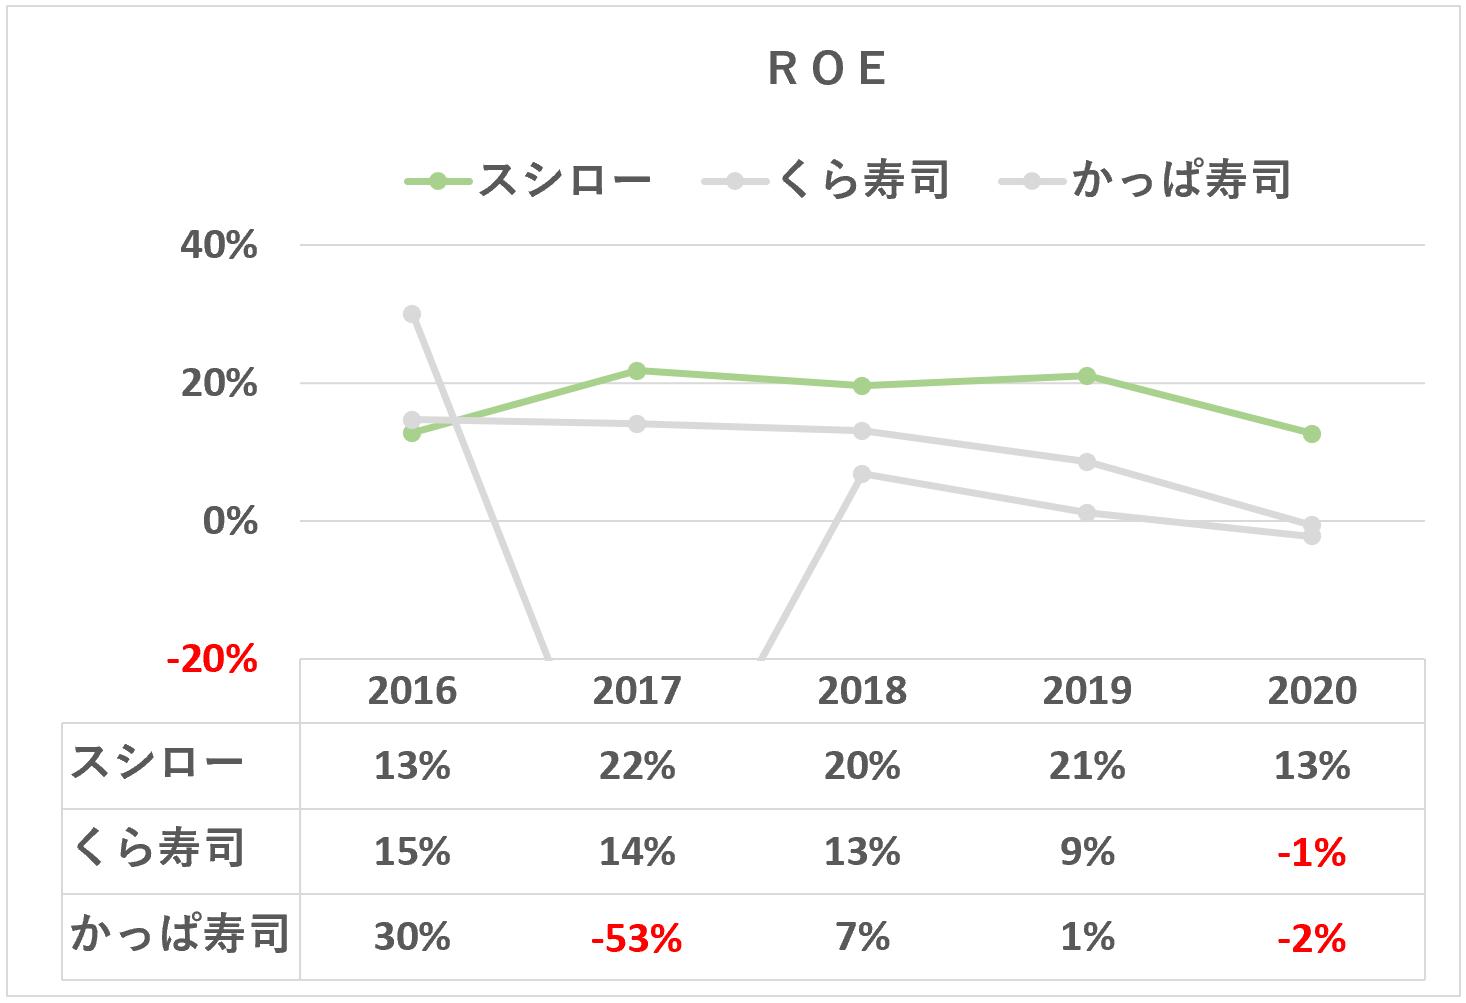 スシロー:ROEの推移